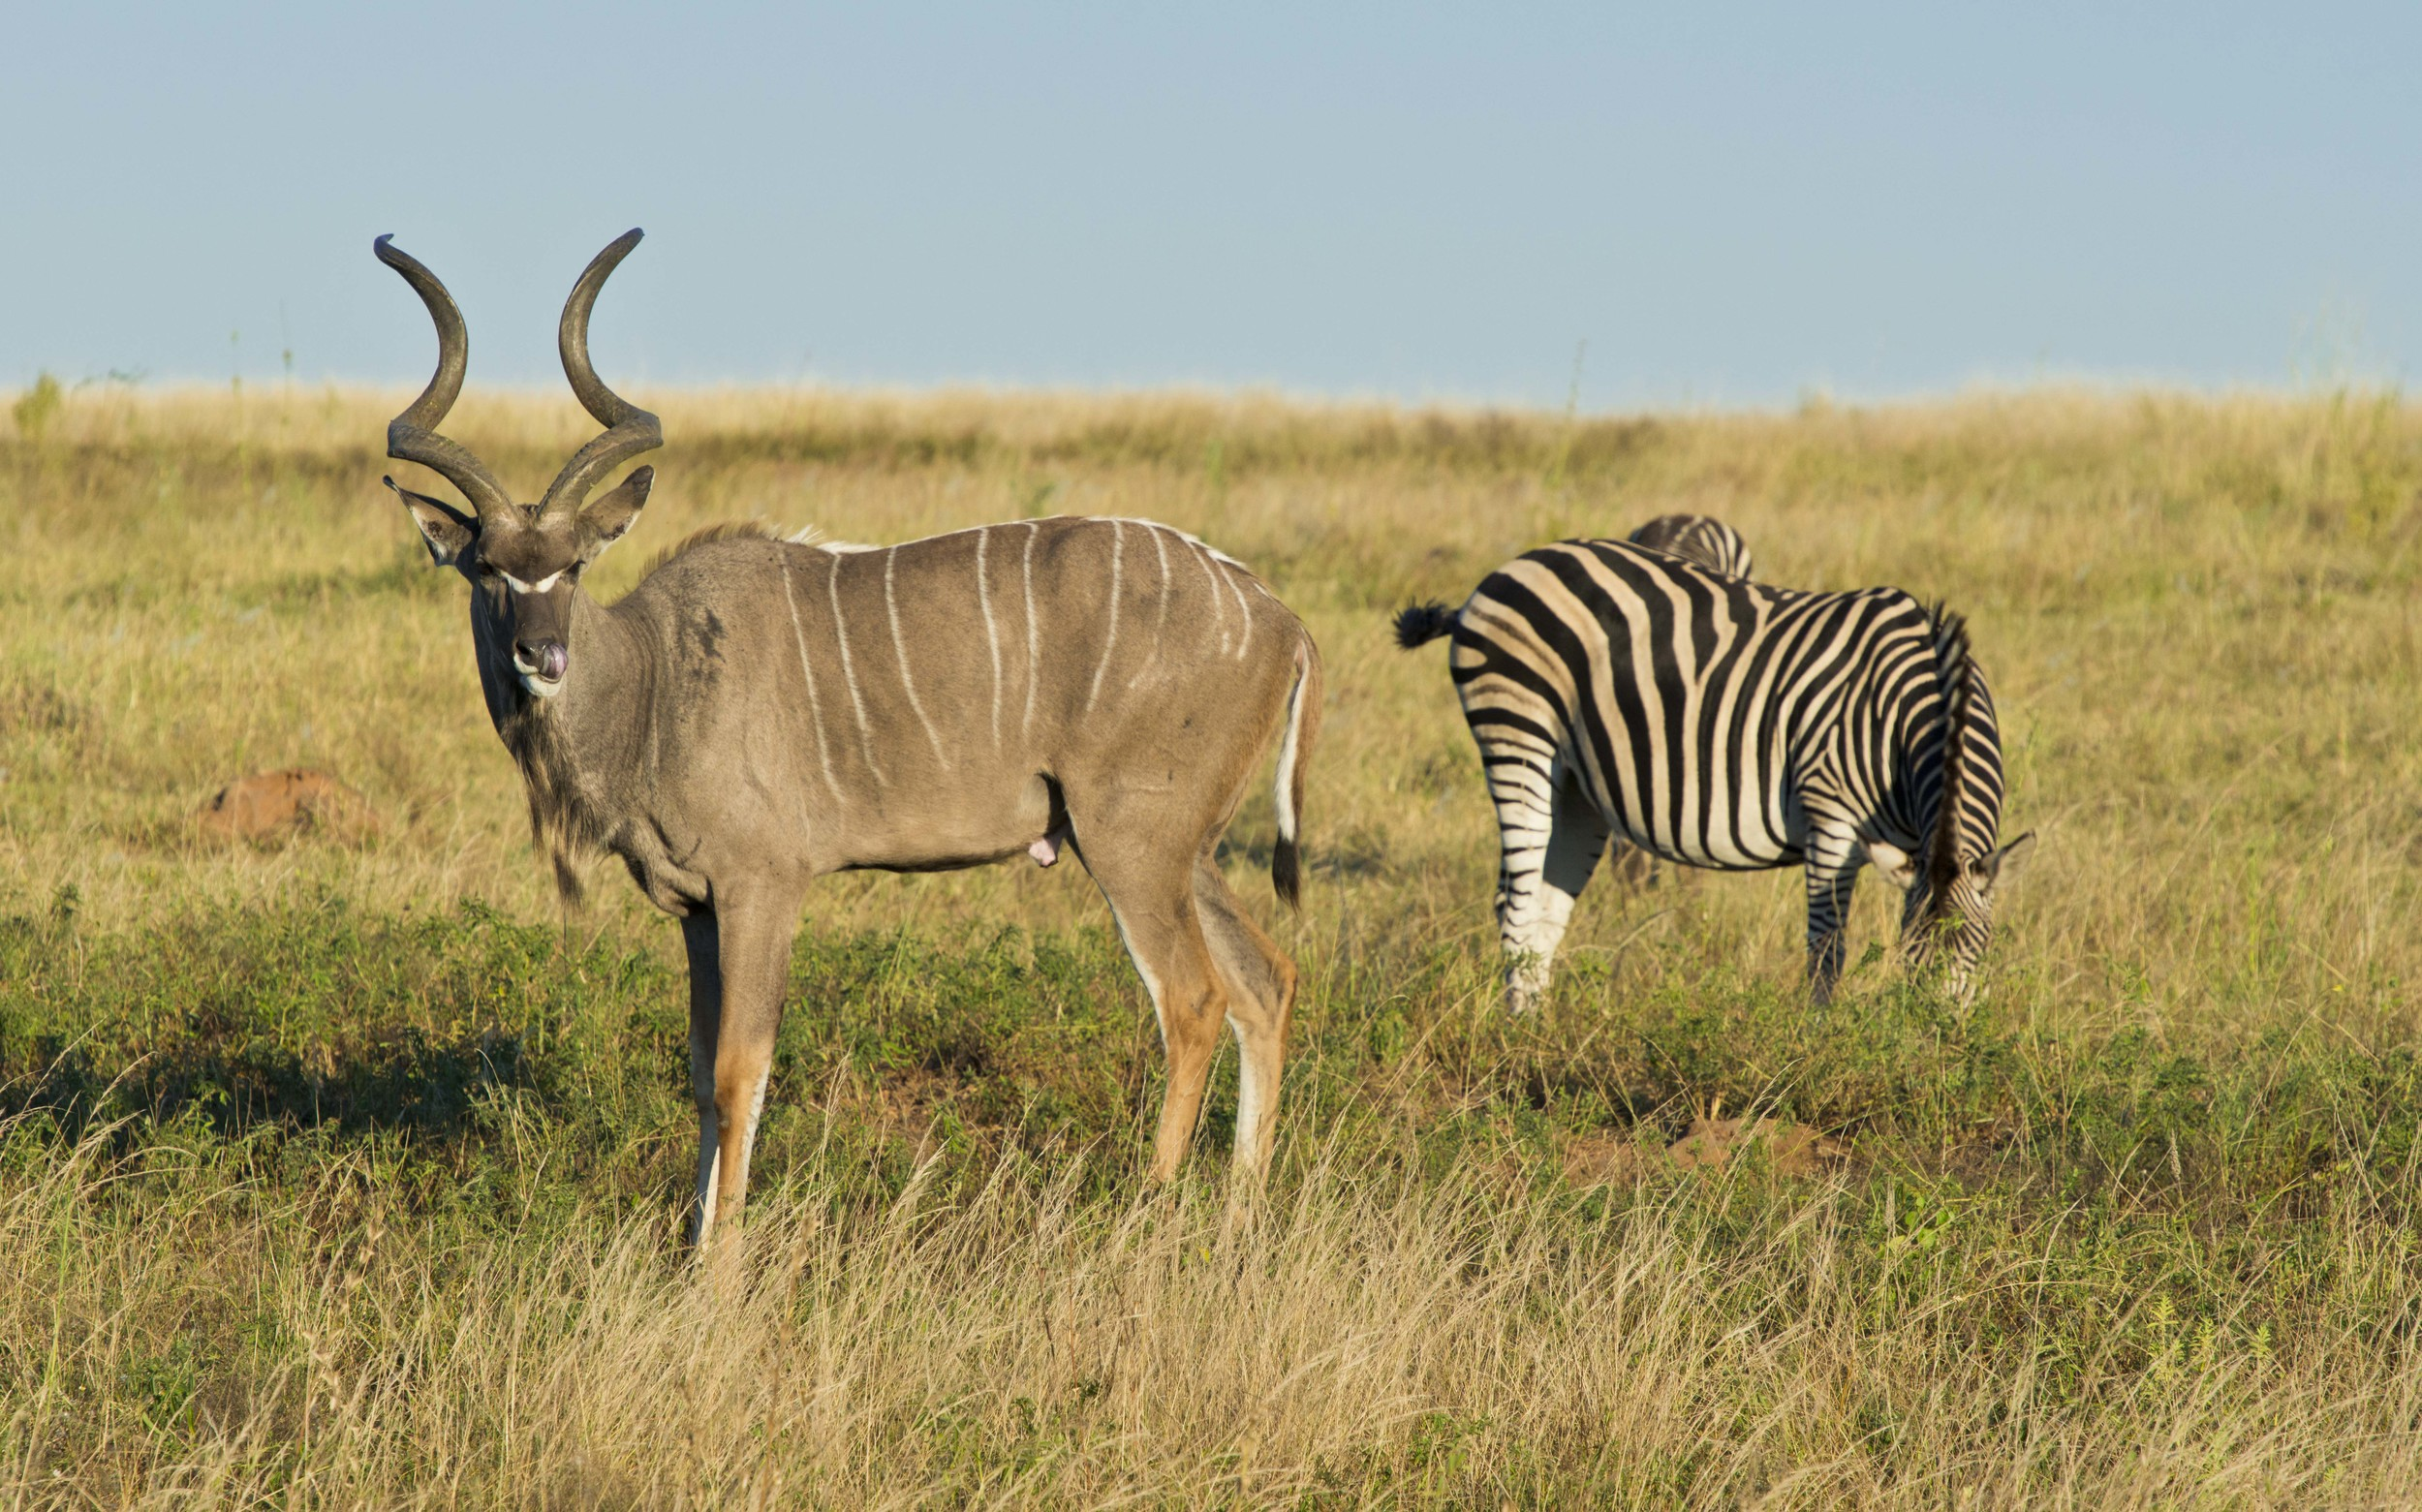 130420_DSC2965 Kudo anjd Zebra.jpg